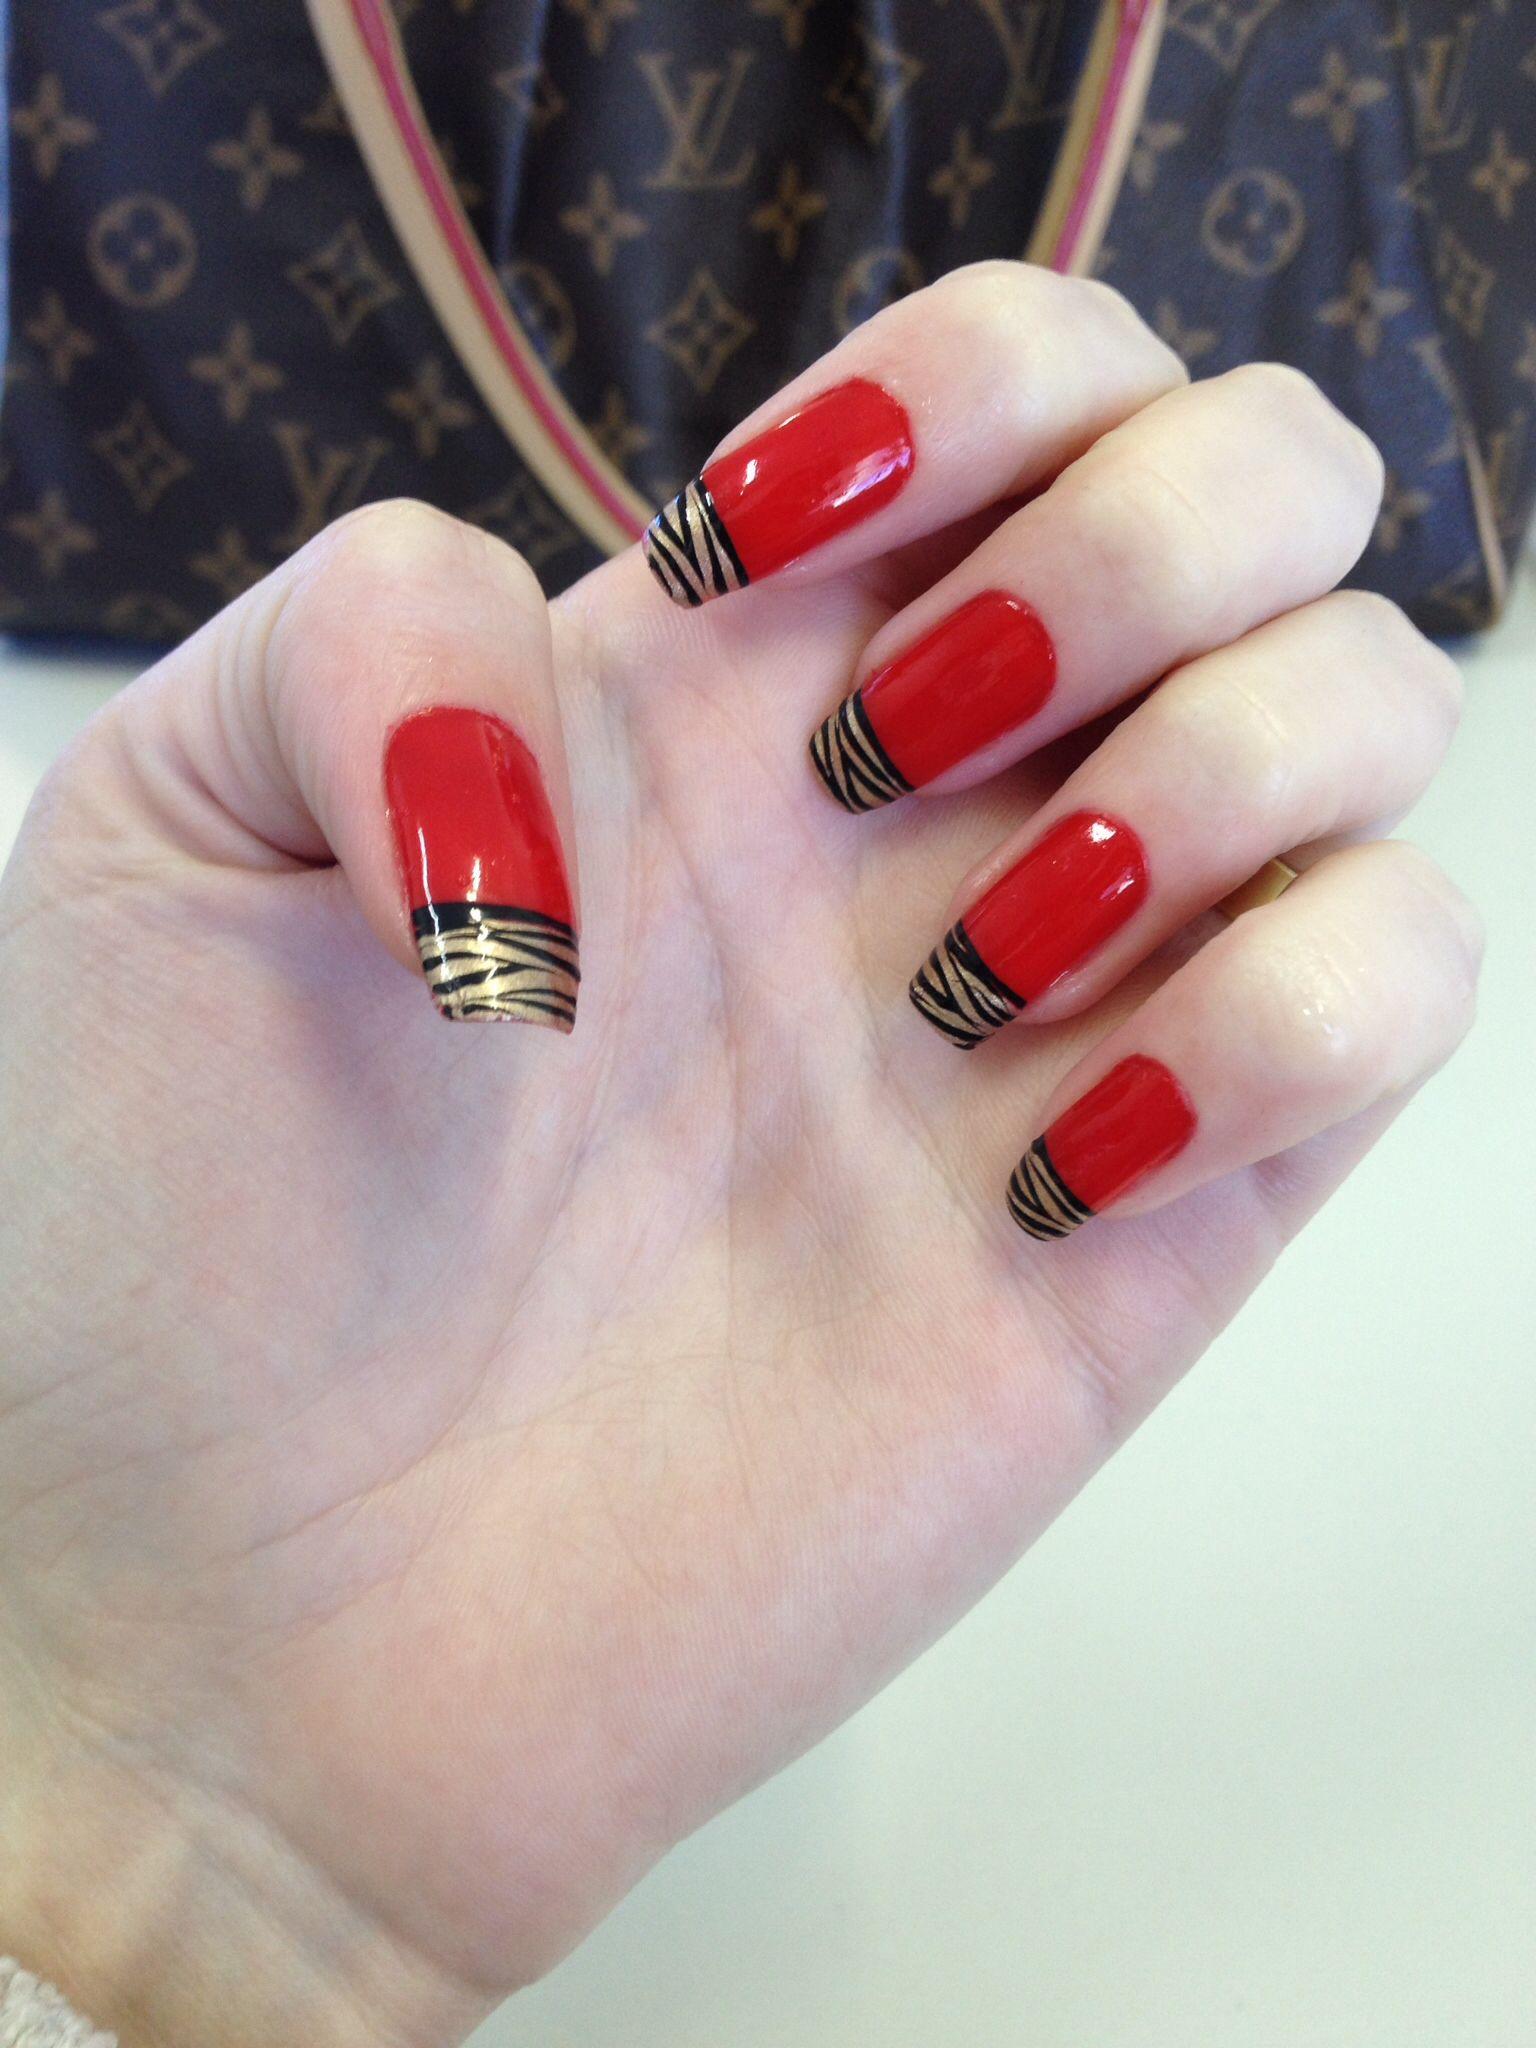 Unha vermelha decorada Unhas Decoradas Pinterest Unhas vermelhas, Unha e Vermelho # Decoracao Unhas Vermelhas